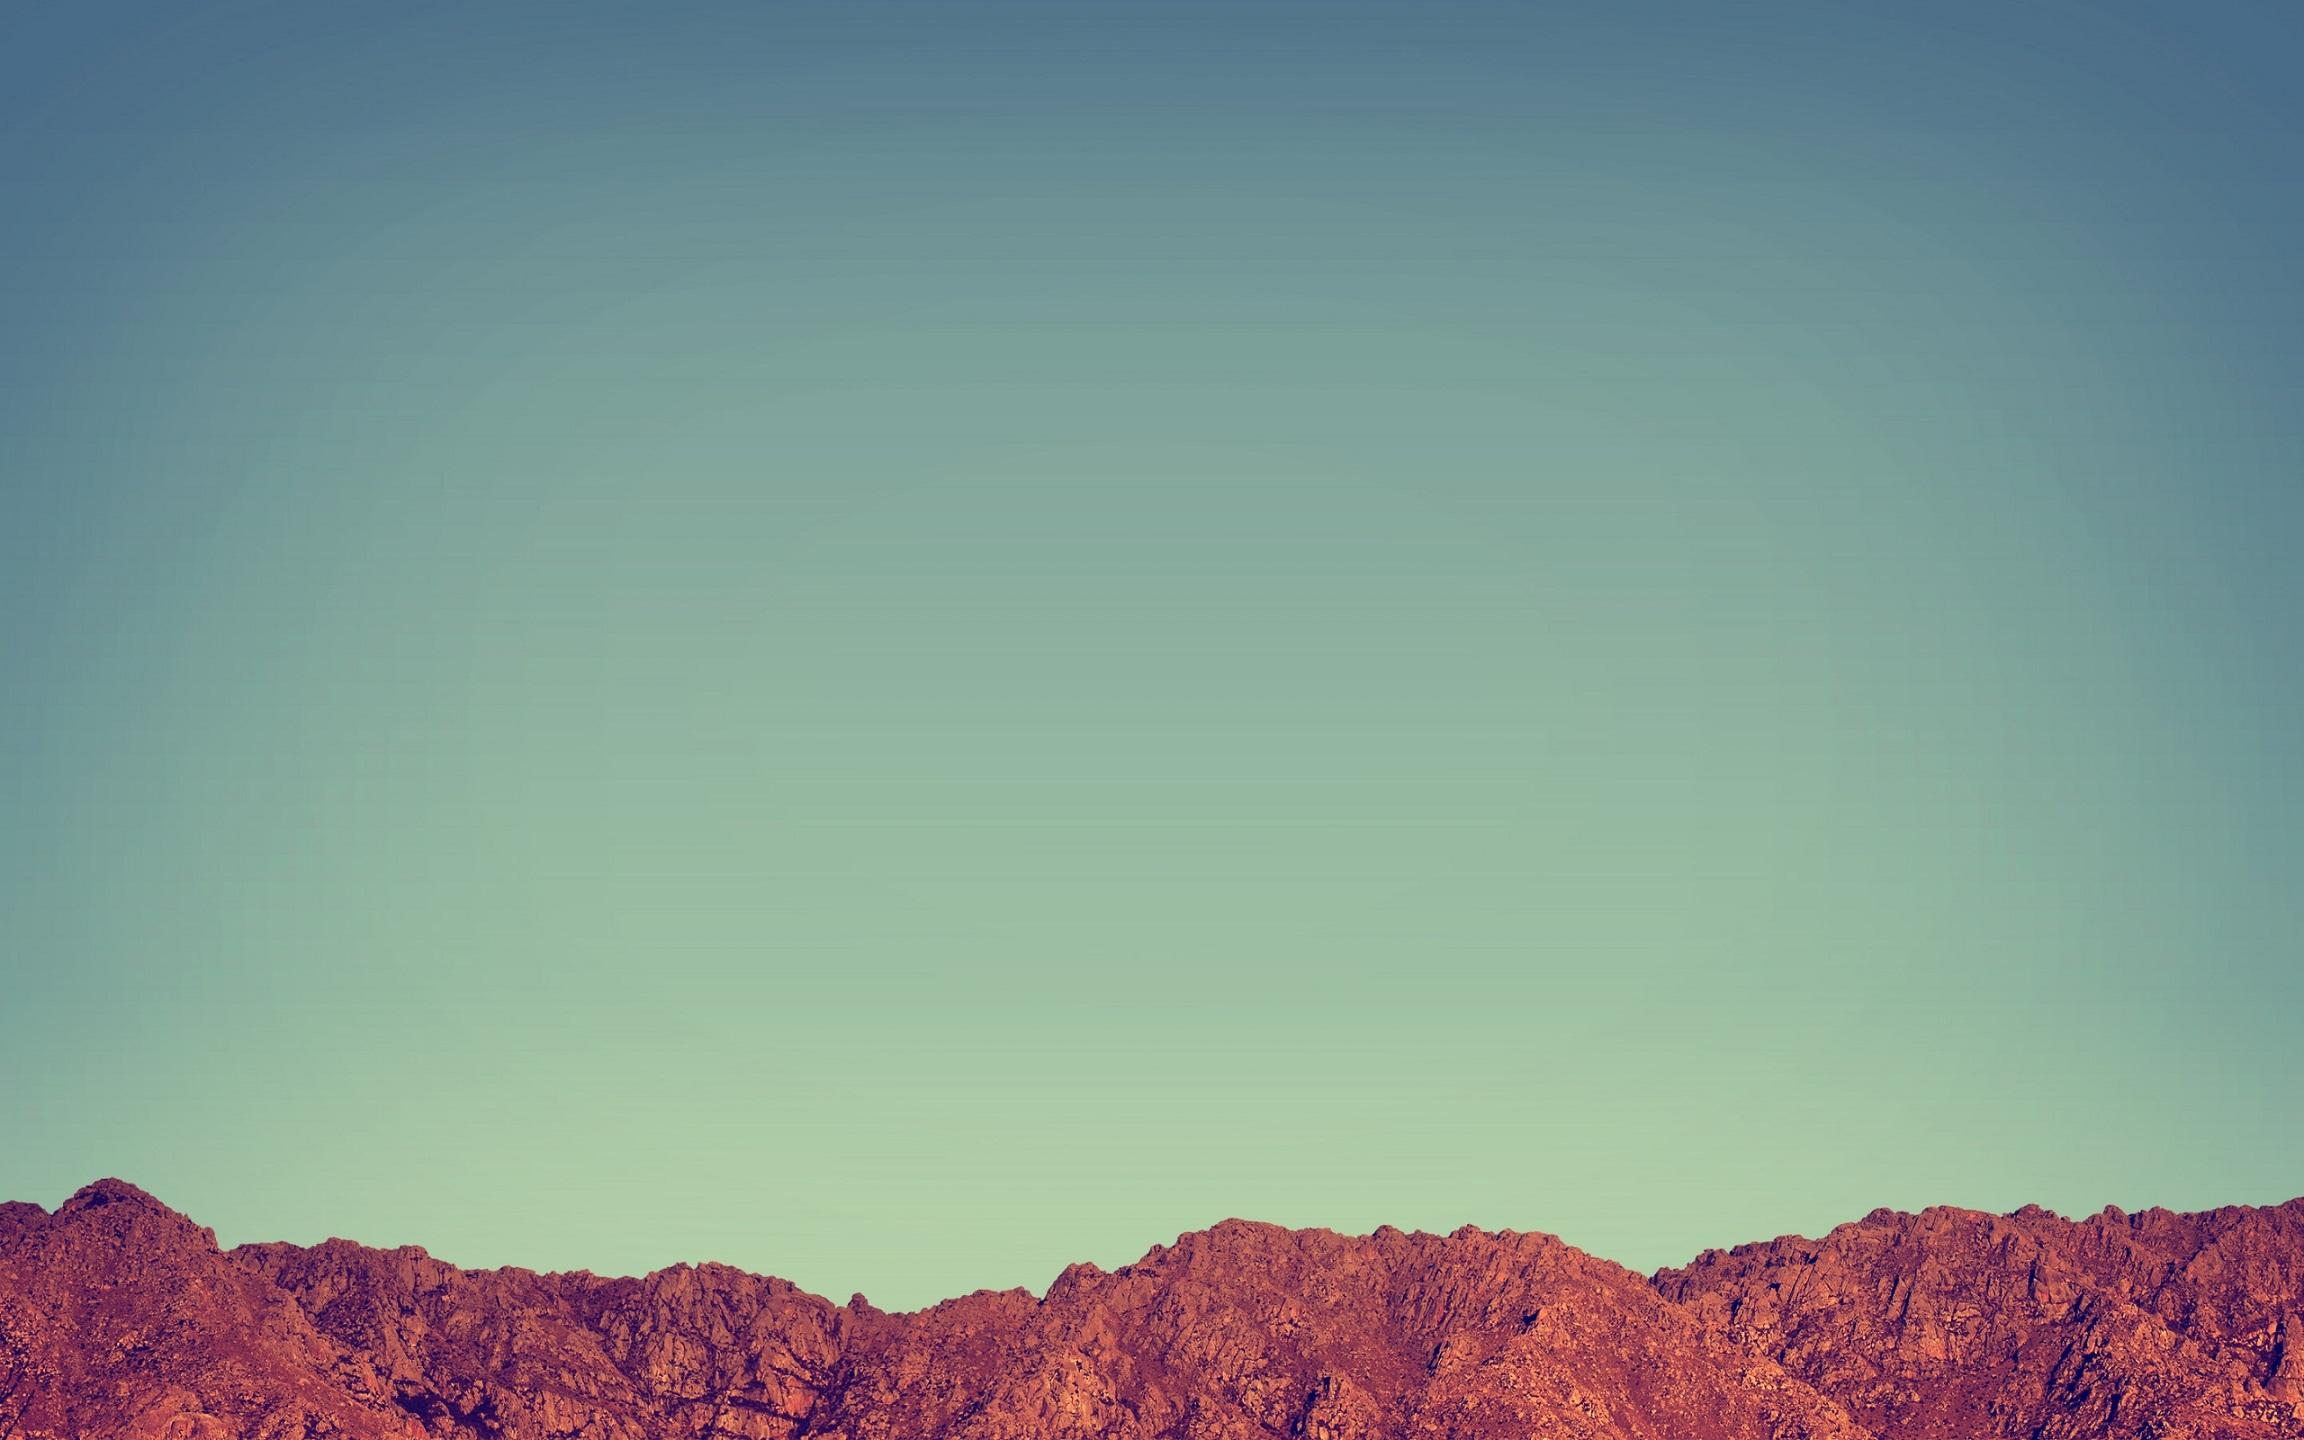 macbook pro retina wallpaper tumblr wallpaper details :